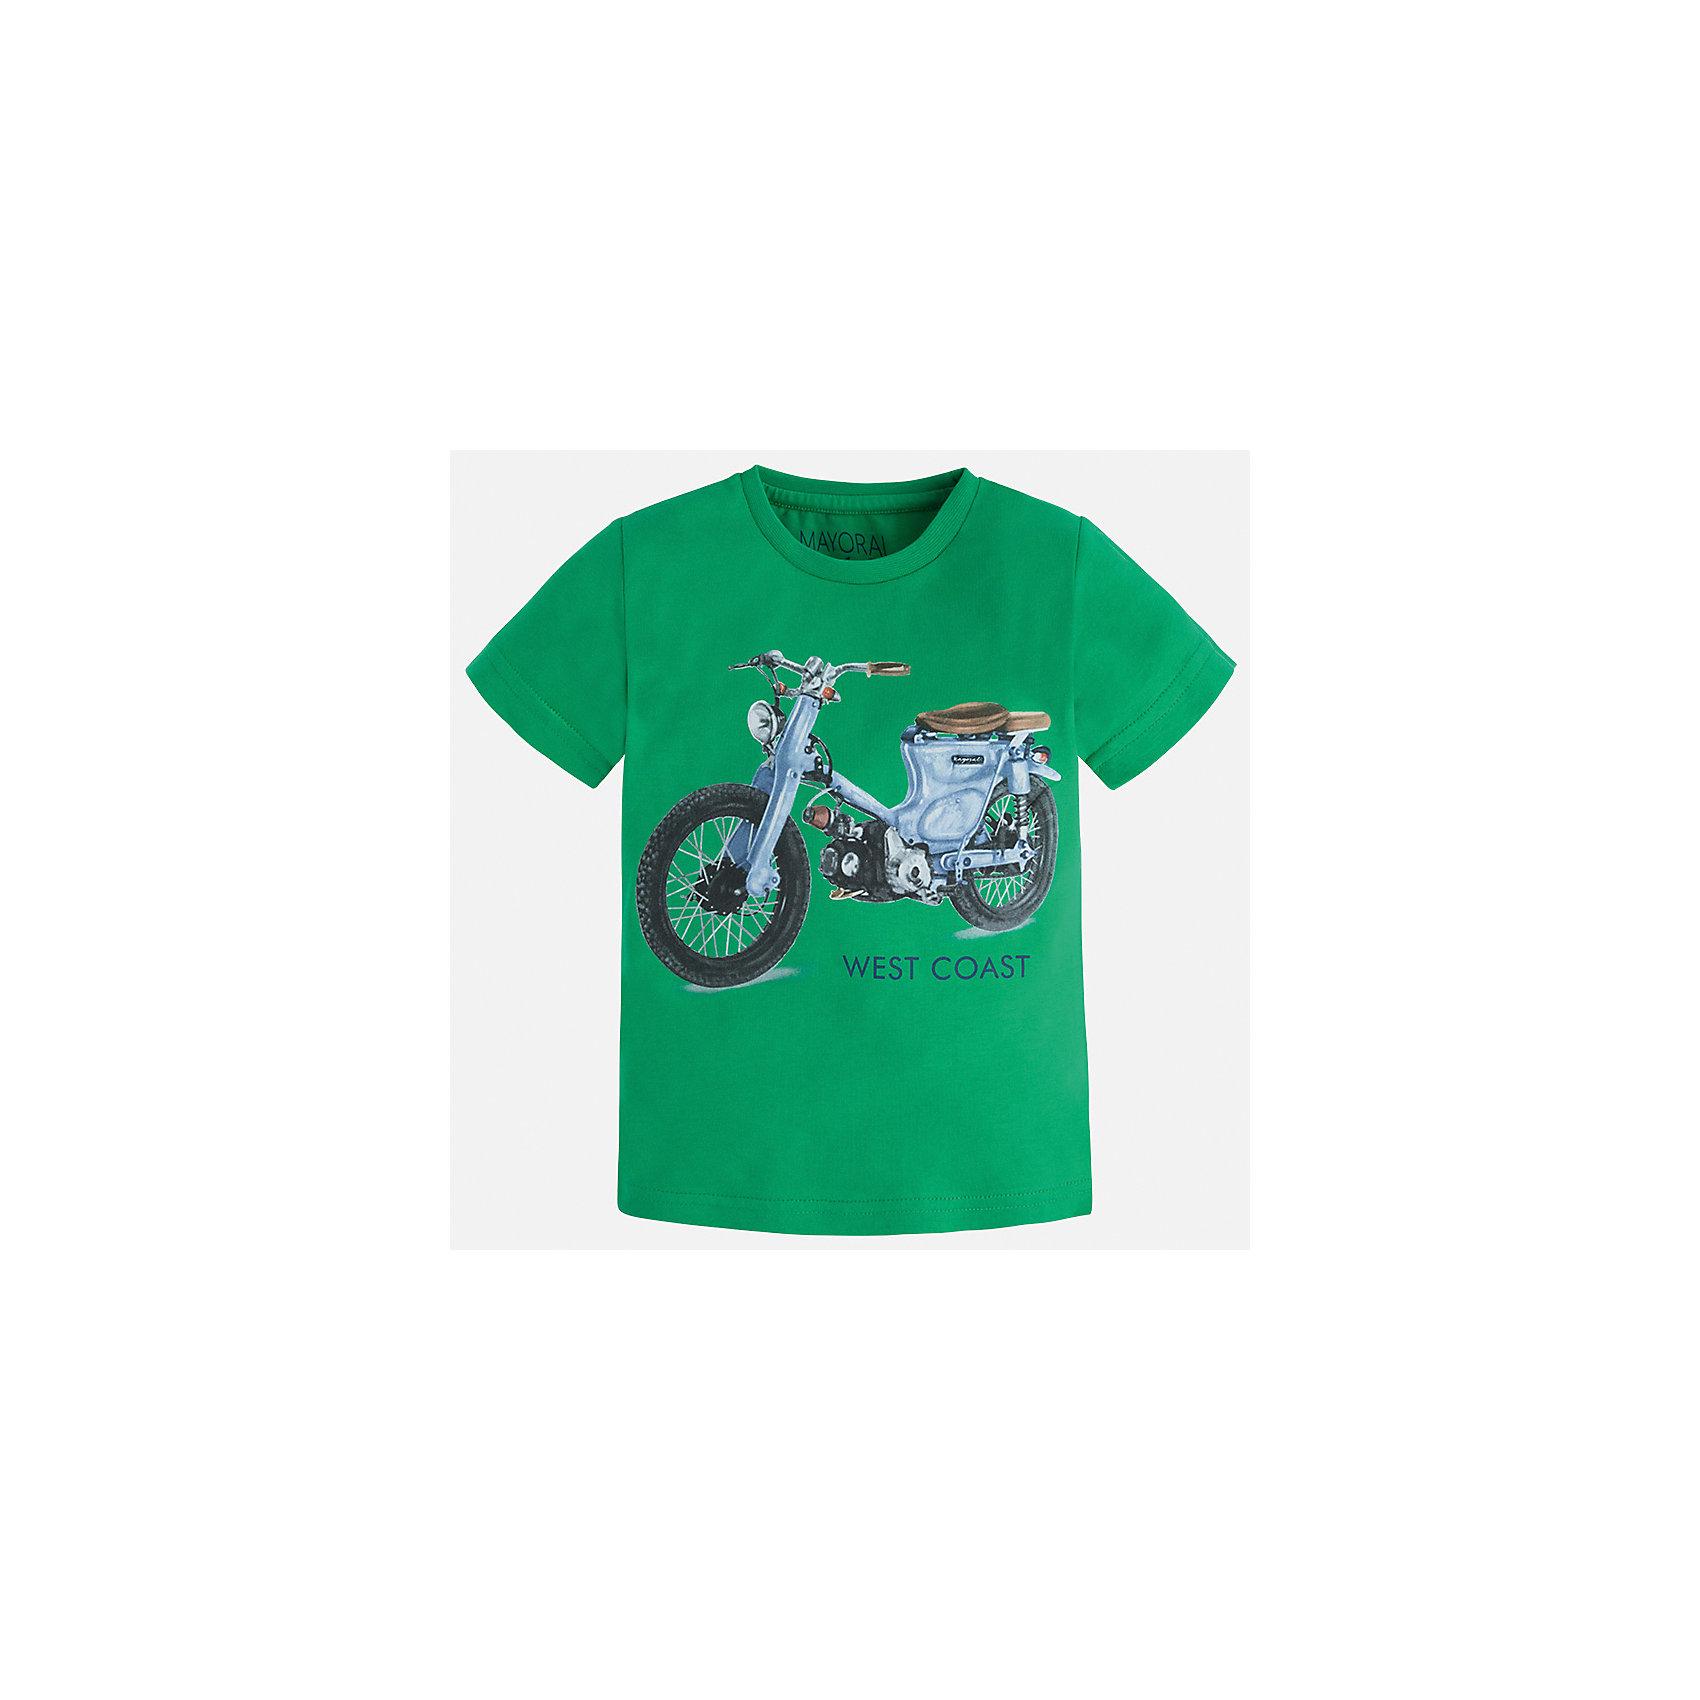 Футболка для мальчика MayoralФутболки, поло и топы<br>Характеристики товара:<br><br>• цвет: зеленый<br>• состав: 100% хлопок<br>• круглый горловой вырез<br>• декорирована принтом<br>• короткие рукава<br>• отделка горловины<br>• страна бренда: Испания<br><br>Стильная удобная футболка с принтом поможет разнообразить гардероб мальчика. Она отлично сочетается с брюками, шортами, джинсами. Универсальный крой и цвет позволяет подобрать к вещи низ разных расцветок. Практичное и стильное изделие! Хорошо смотрится и комфортно сидит на детях. В составе материала - только натуральный хлопок, гипоаллергенный, приятный на ощупь, дышащий. <br>Одежда, обувь и аксессуары от испанского бренда Mayoral полюбились детям и взрослым по всему миру. Модели этой марки - стильные и удобные. Для их производства используются только безопасные, качественные материалы и фурнитура. Порадуйте ребенка модными и красивыми вещами от Mayoral! <br><br>Футболку для мальчика от испанского бренда Mayoral (Майорал) можно купить в нашем интернет-магазине.<br><br>Ширина мм: 199<br>Глубина мм: 10<br>Высота мм: 161<br>Вес г: 151<br>Цвет: зеленый<br>Возраст от месяцев: 18<br>Возраст до месяцев: 24<br>Пол: Мужской<br>Возраст: Детский<br>Размер: 128,122,116,110,104,98,92,134<br>SKU: 5280017